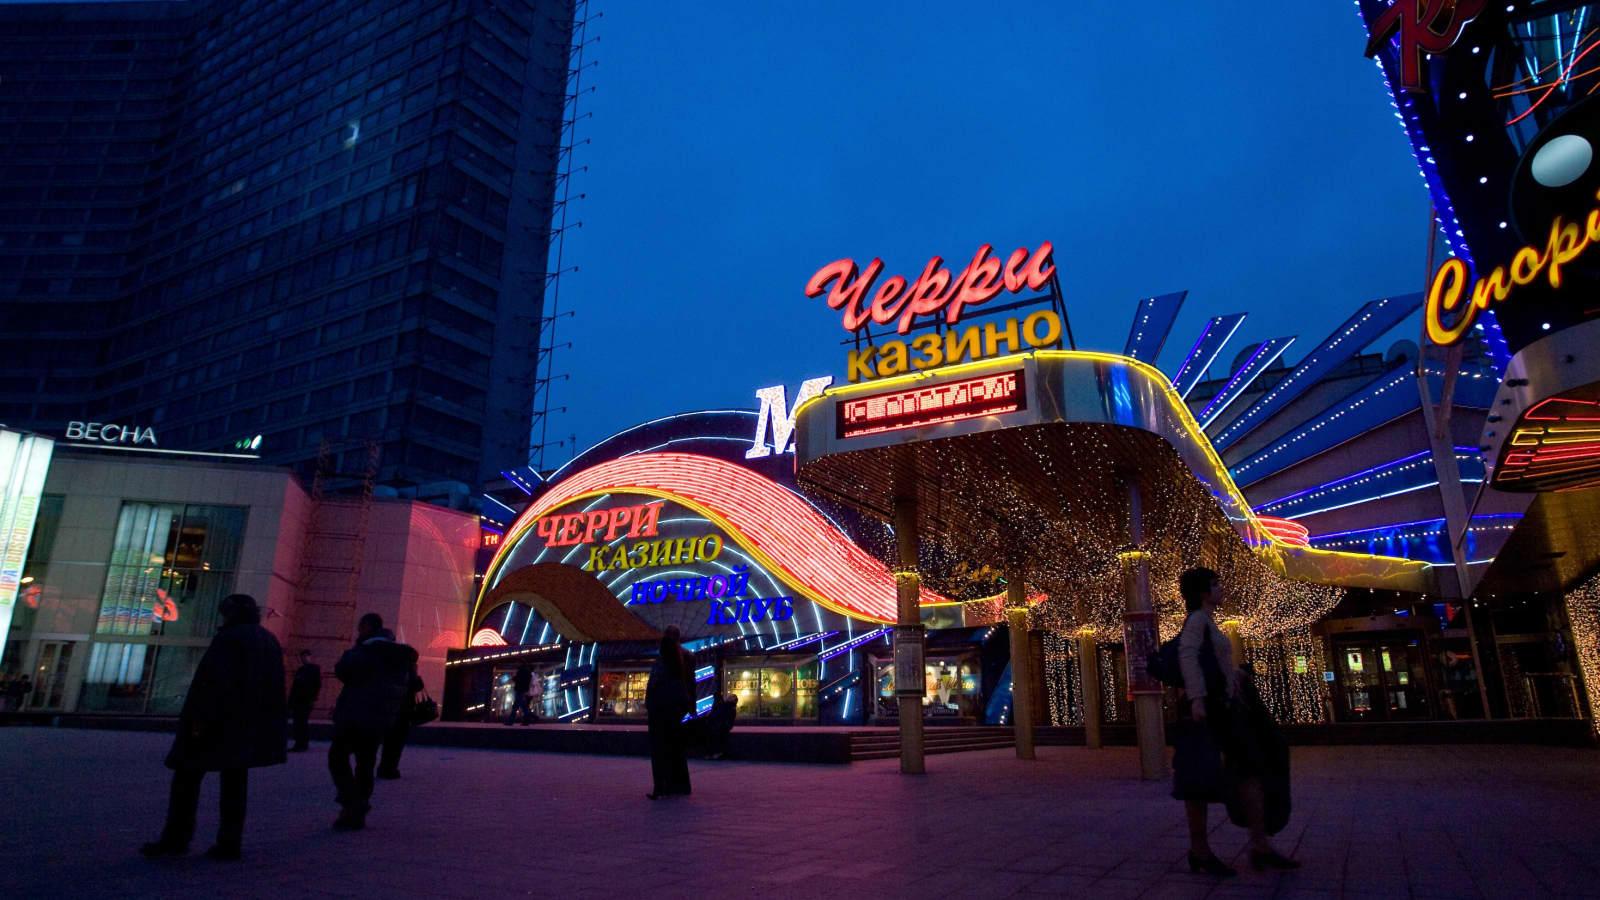 Airport city казино казино красная поляна фото